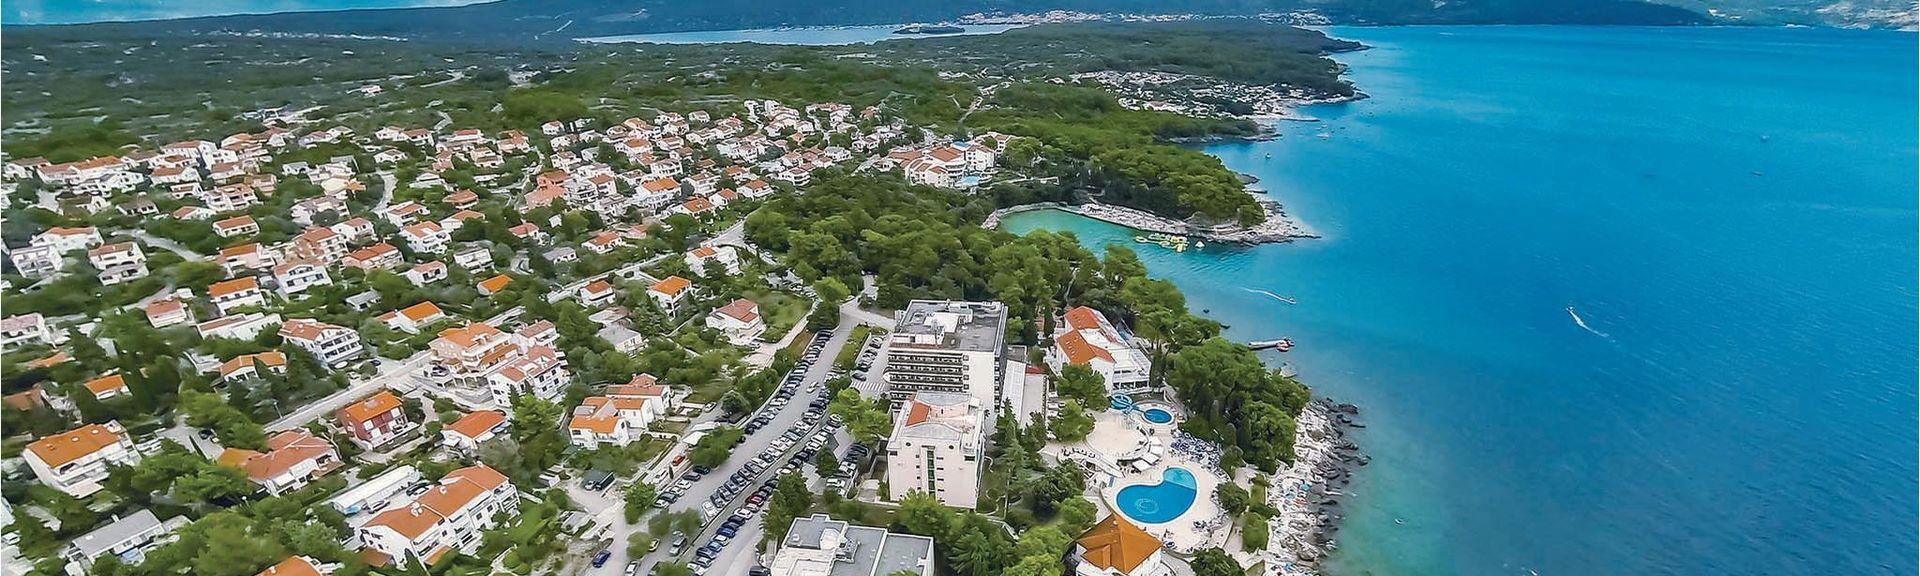 Vrbnik, Primorje-Gorski Kotar, Kroatien